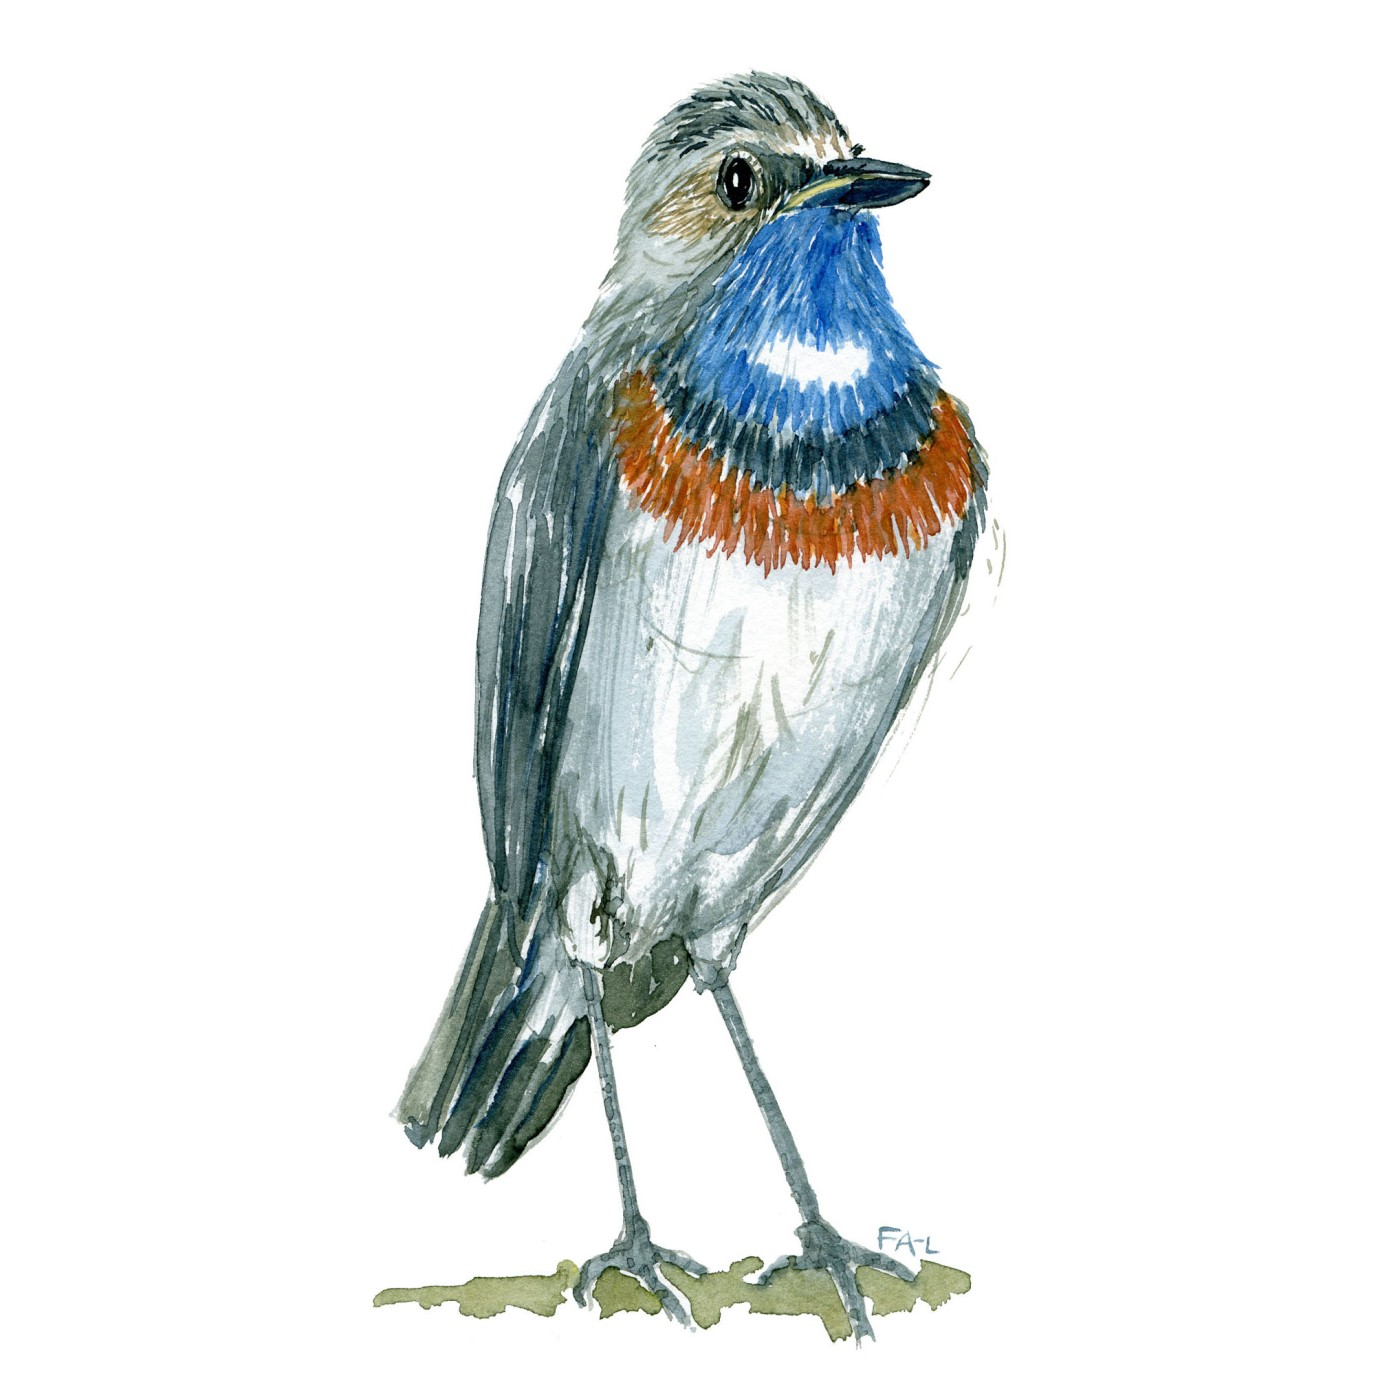 Blåhals fugl - Akvarel illustration af Frits Ahlefeldt, Biodiversitet i Danmark